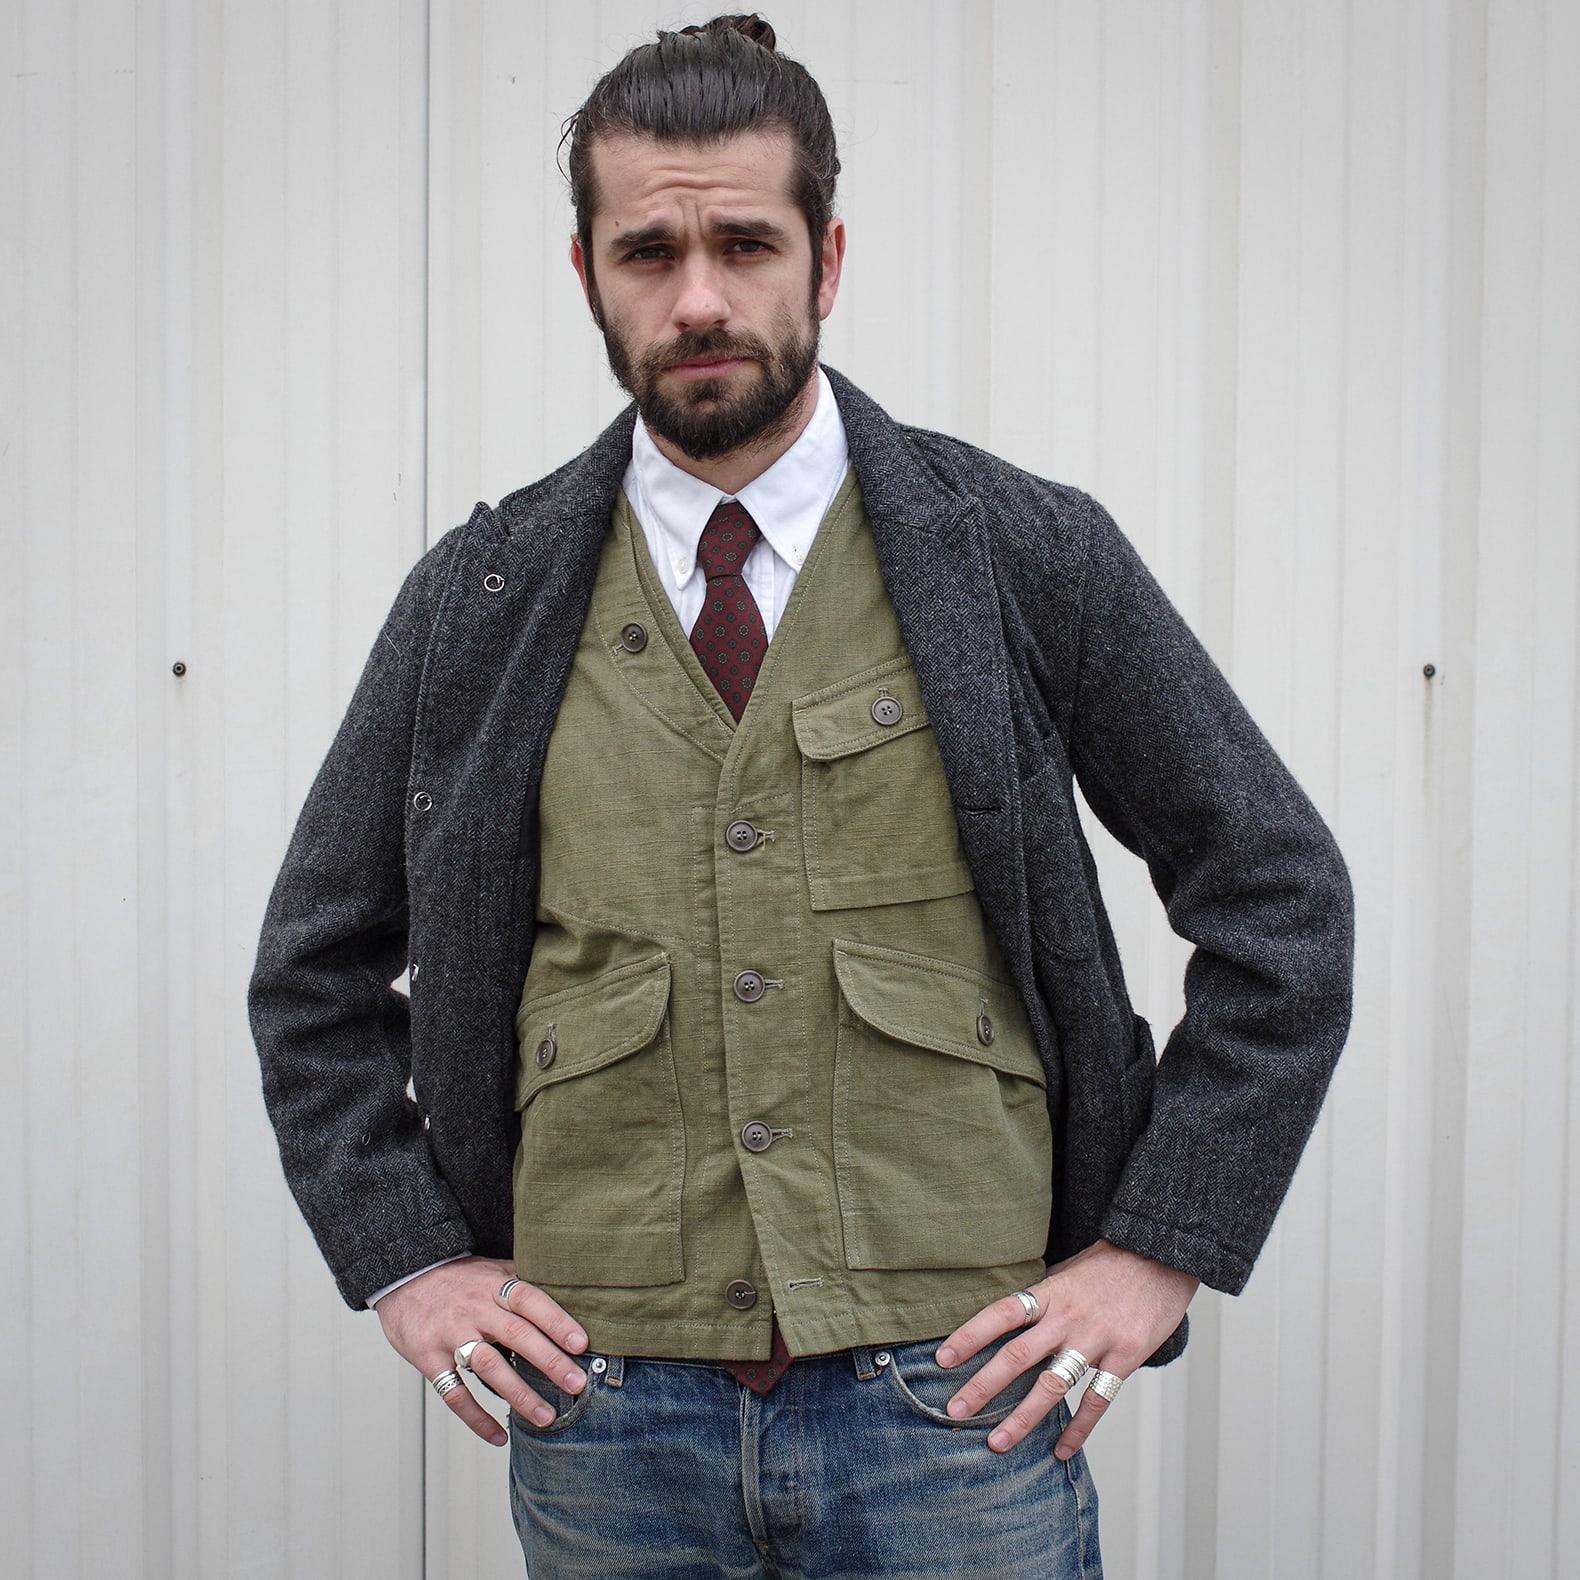 gilet sans manche d'inspiration militaire 1st Pat-rn en coton rep slub, modèle wander vest porté avec une cravate en soie 3 plis Dare in Paris et un blazer en tweed engineered garments bedford jacket